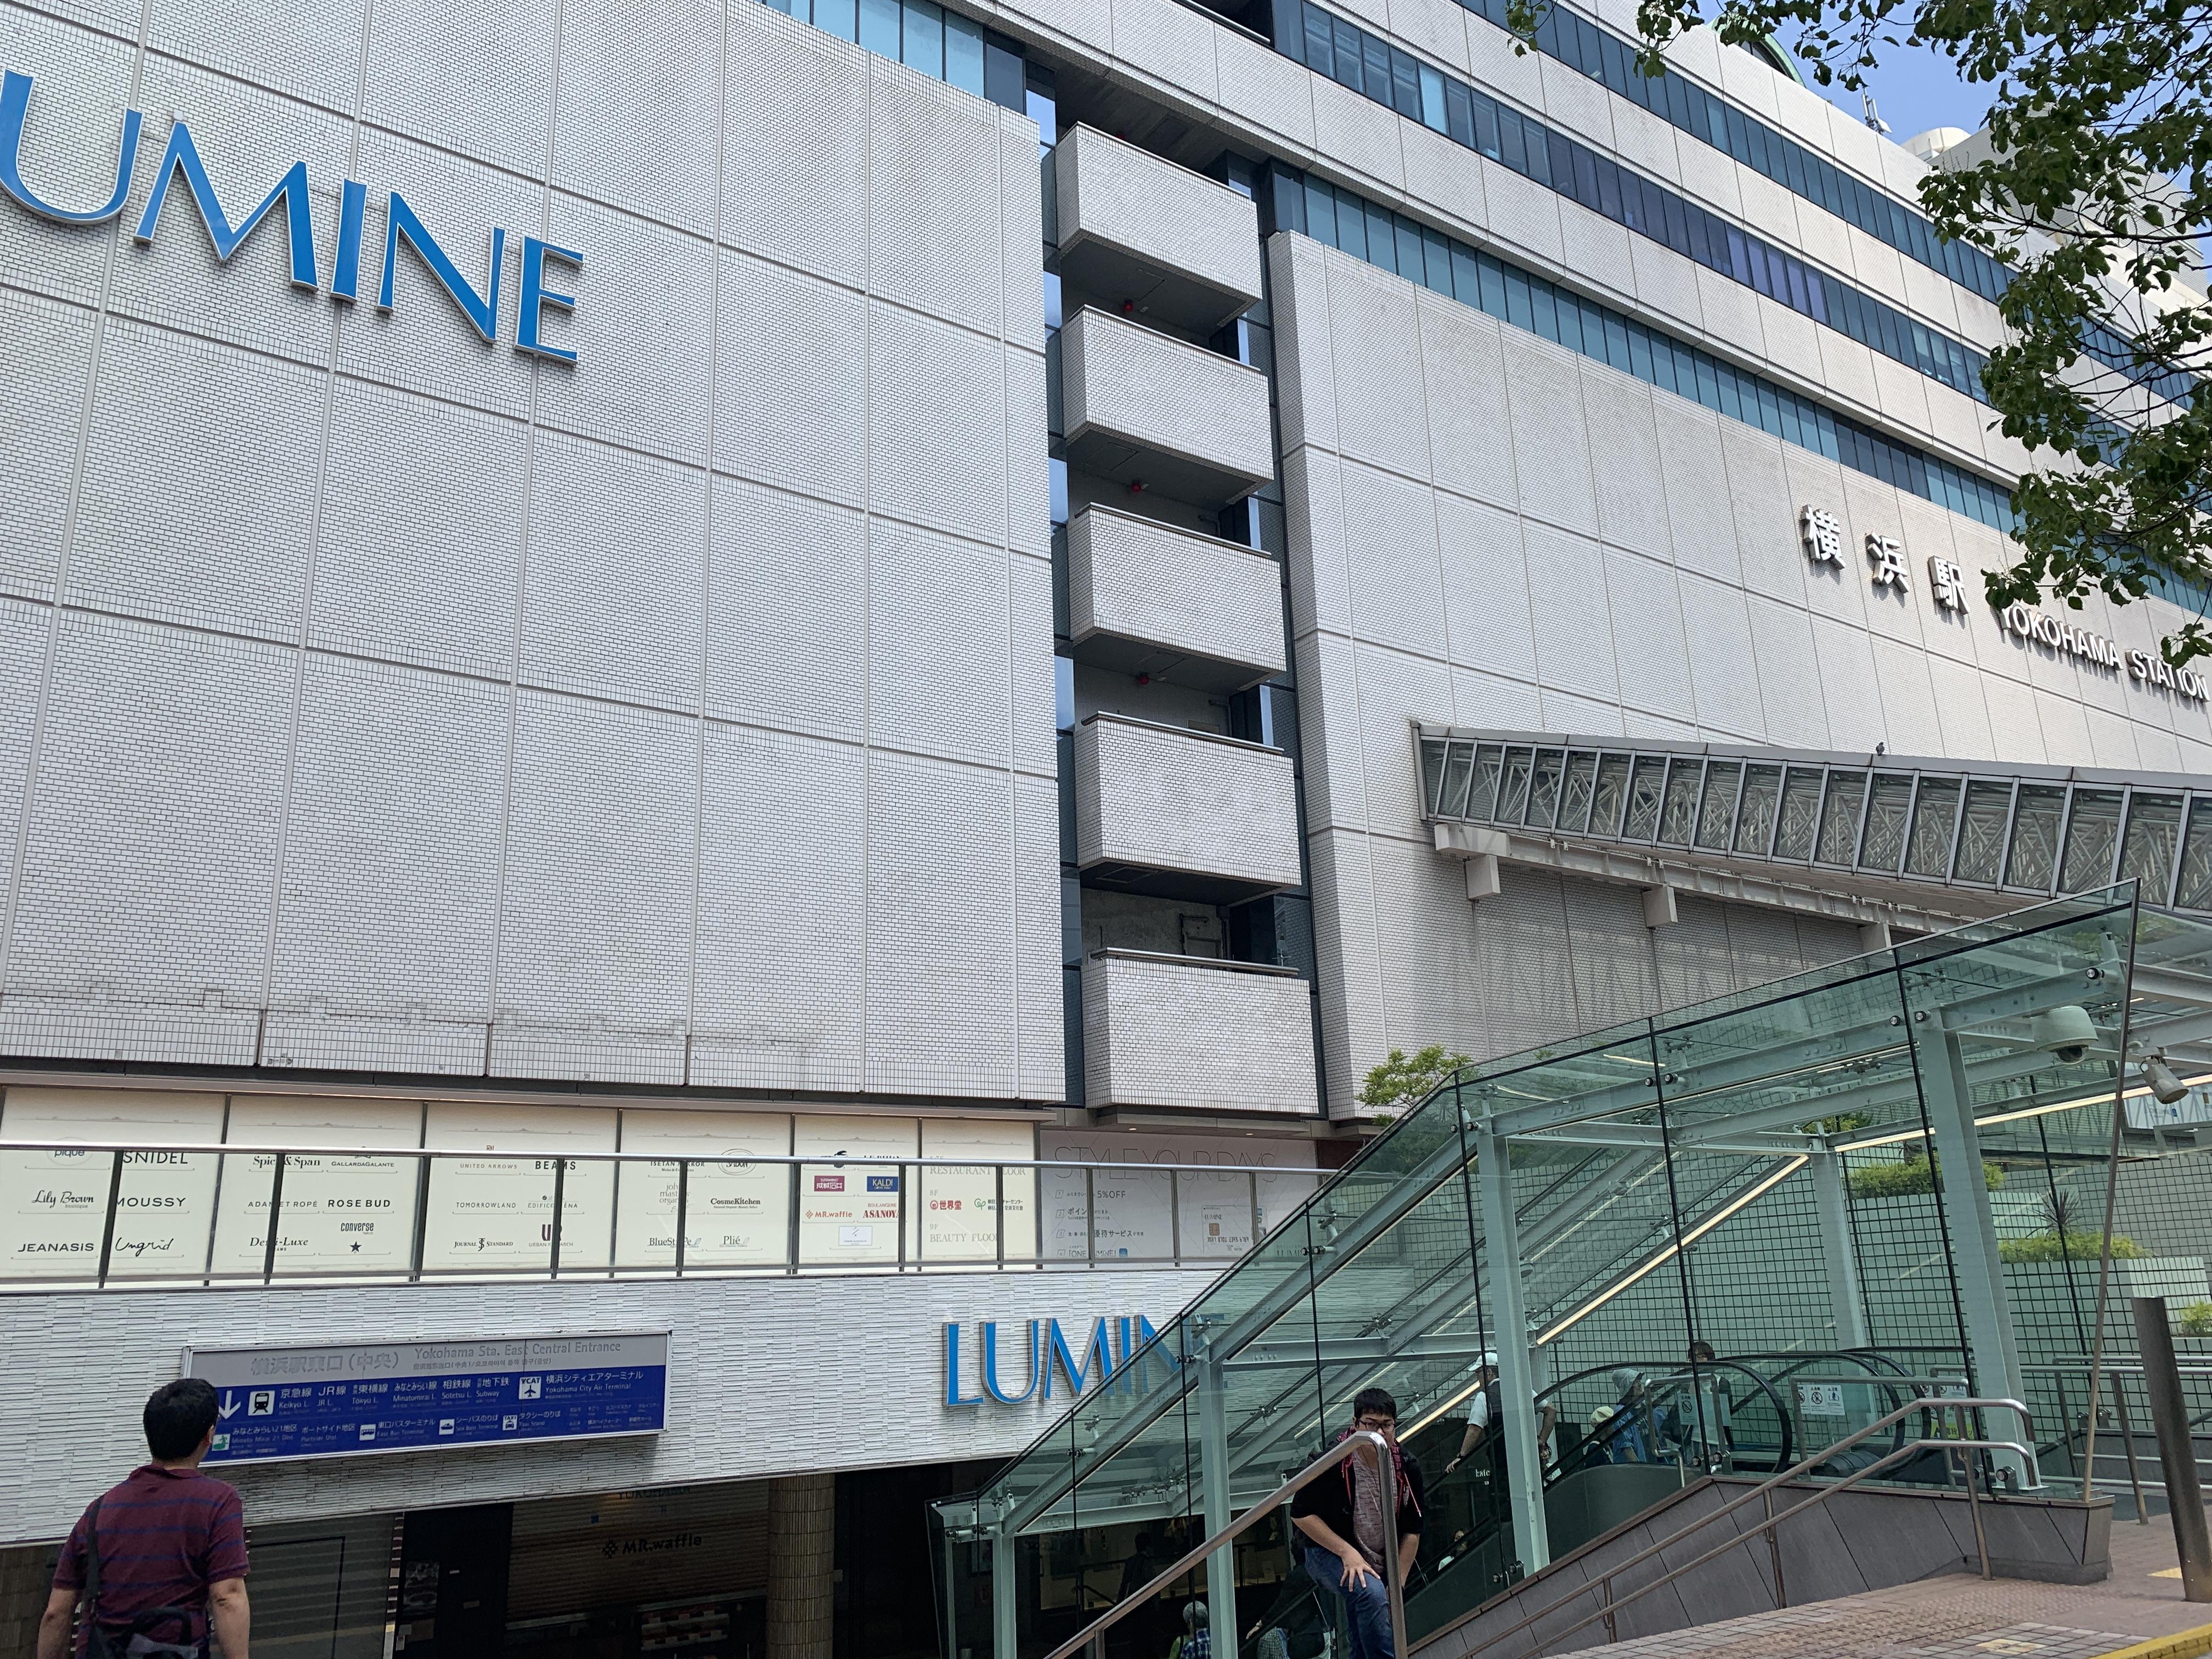 JR横浜駅東口 地上出口 ルミネ付近